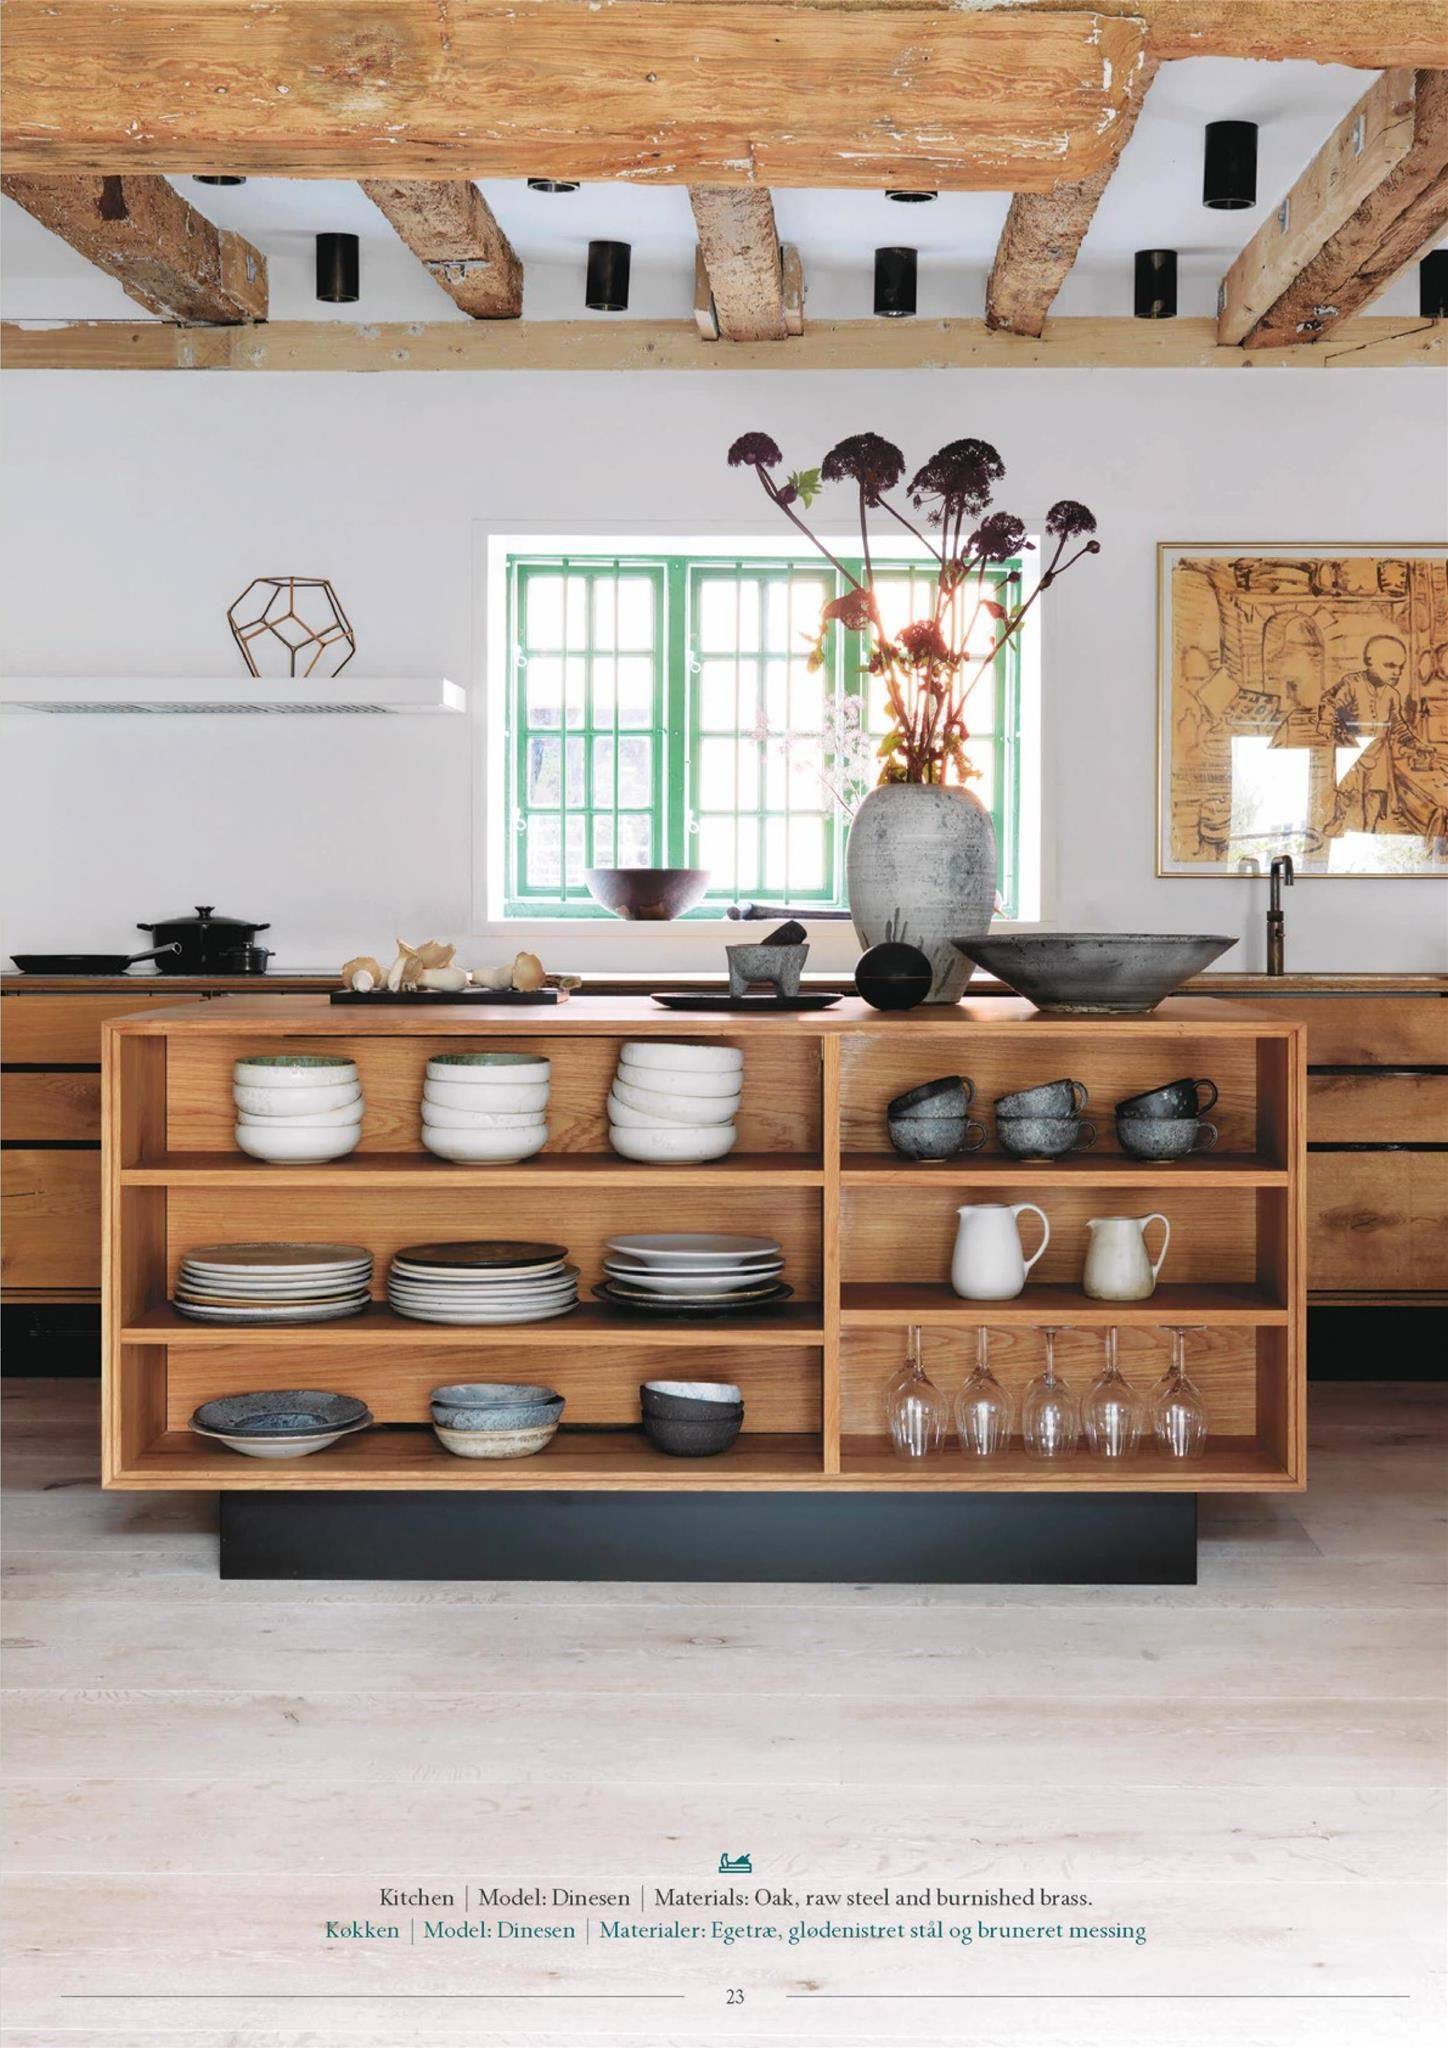 Nett Glasart Für Küchenschranktüren Fotos - Ideen Für Die Küche ...